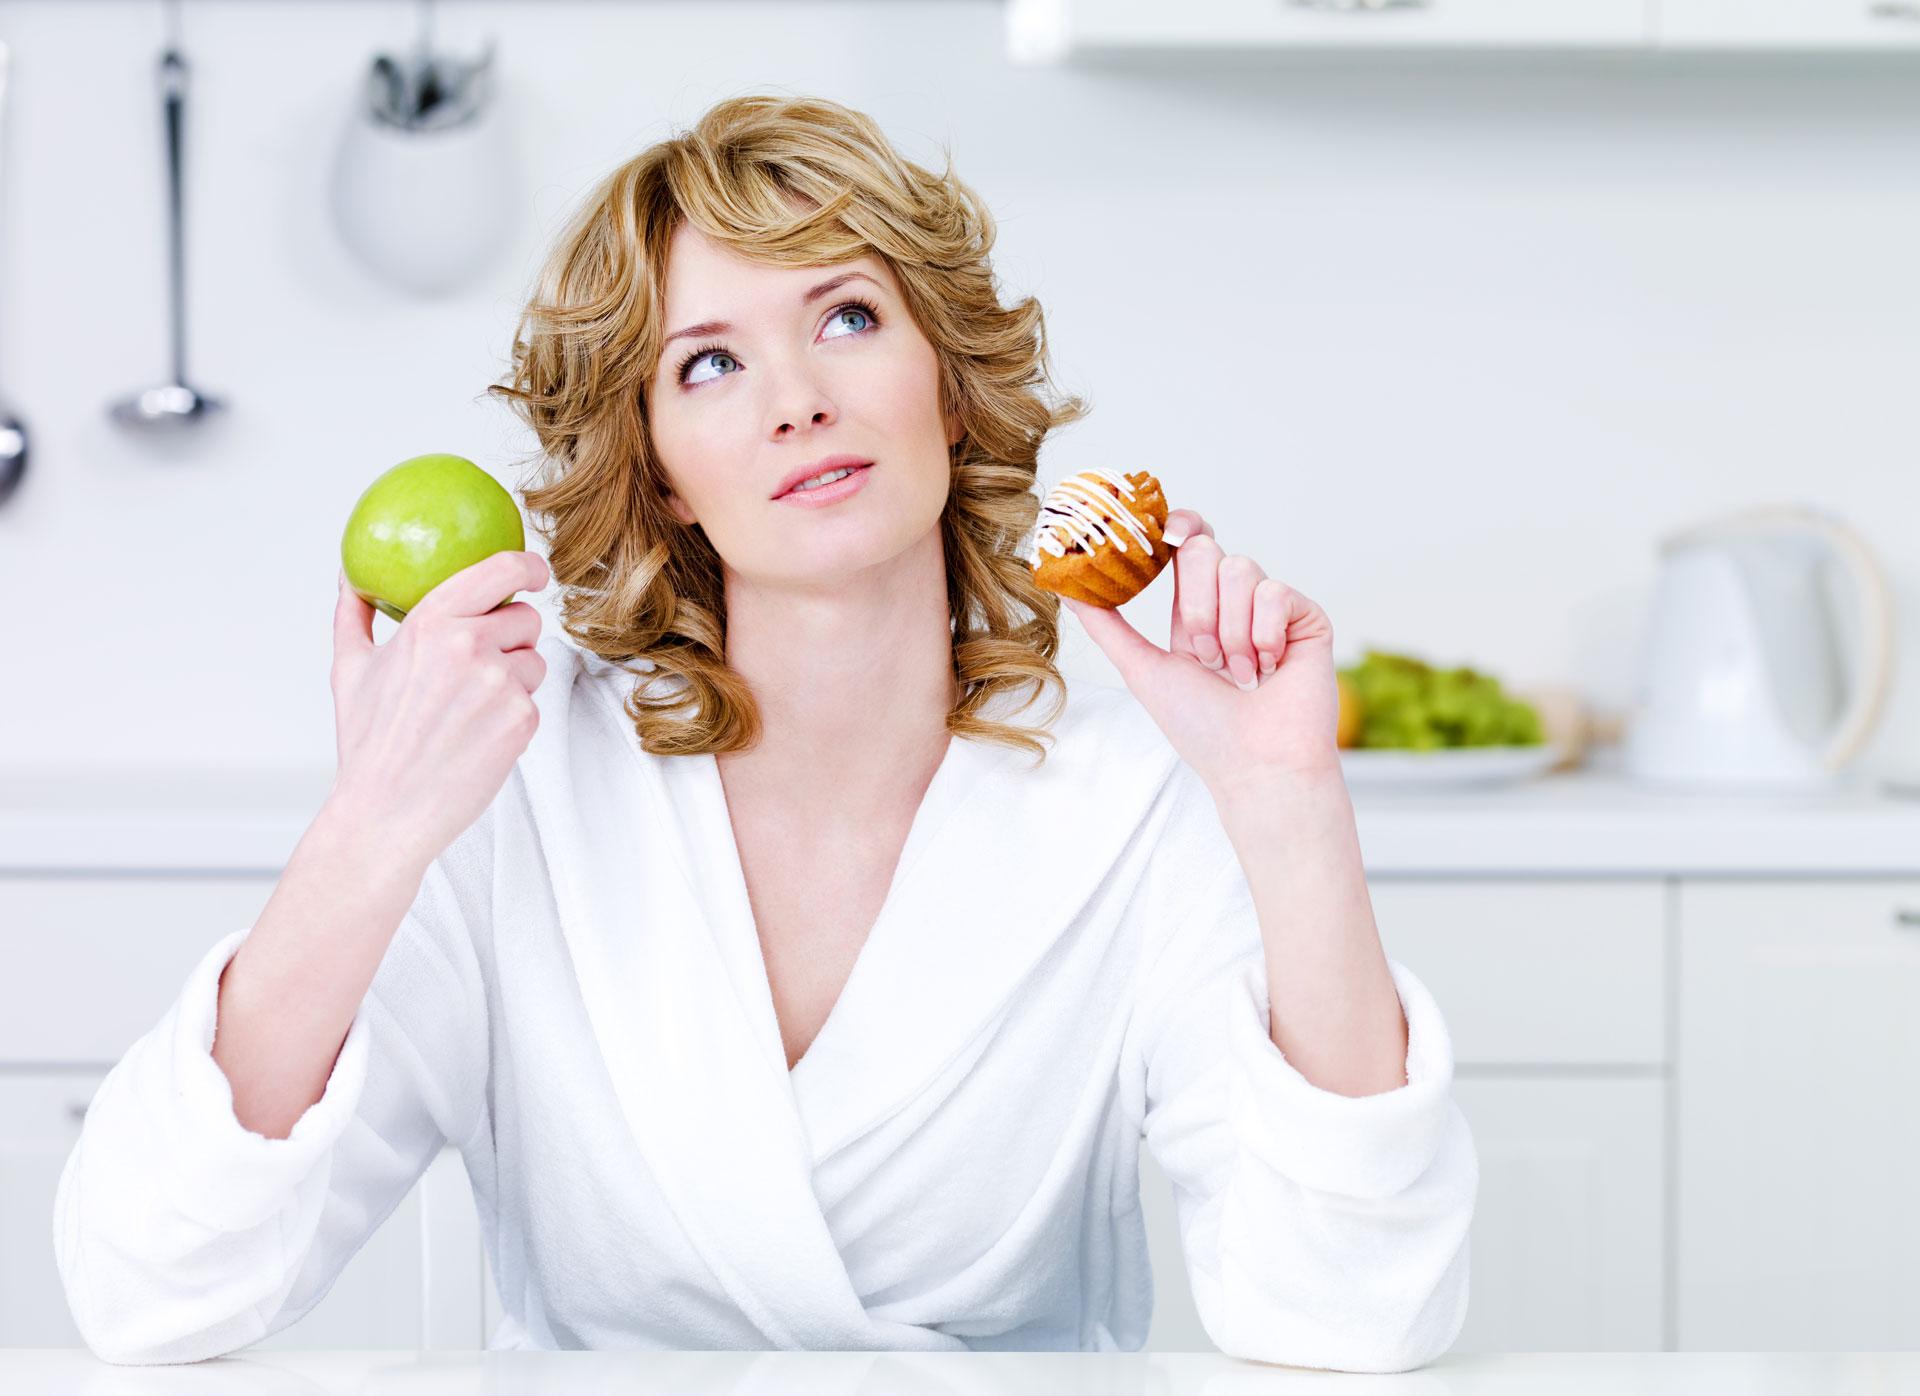 Как правильно питаться, чтобы не поправляться